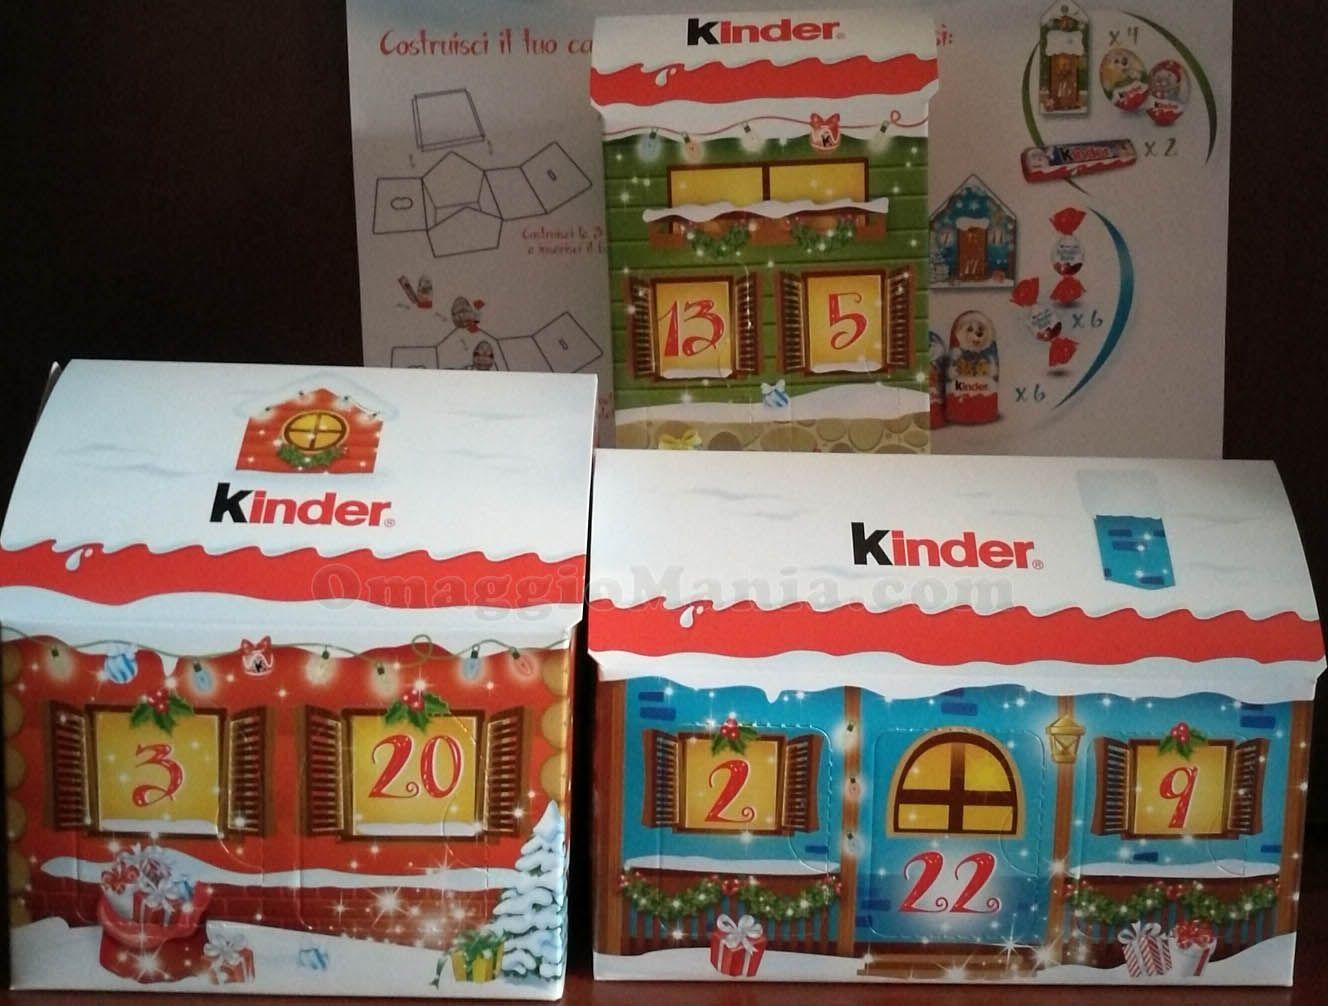 Calendario Avvento Kinder.Calendario Dell Avvento Kinder Omaggio Campioni Omaggio